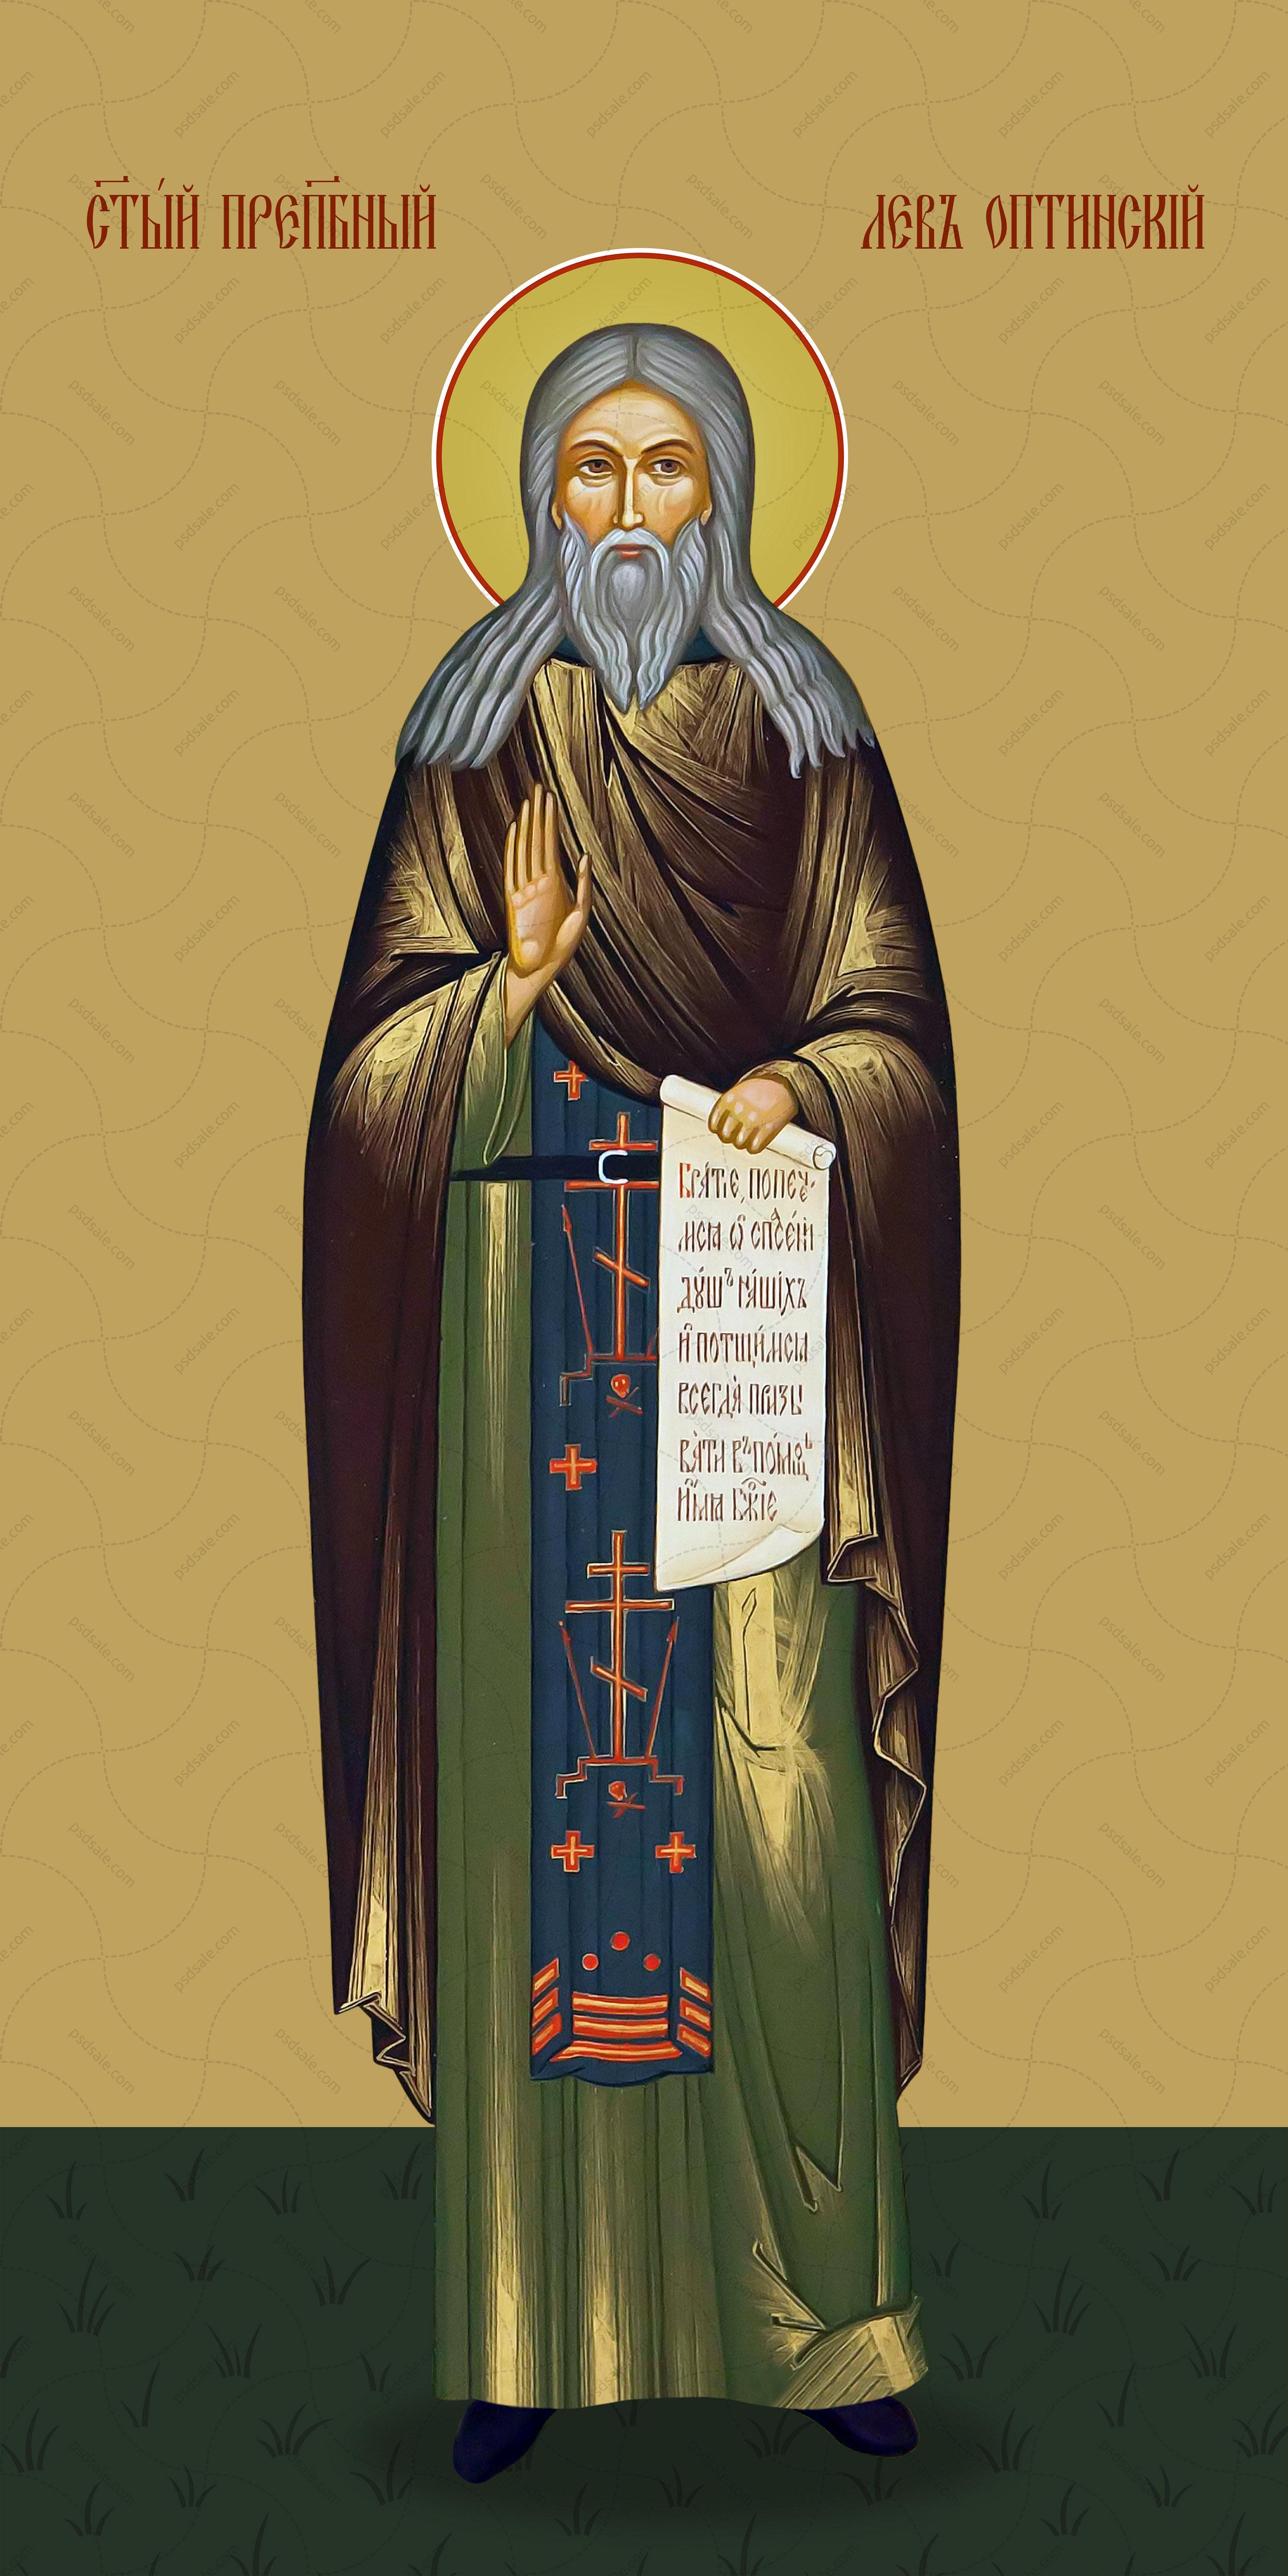 Мерная икона, Лев Оптинский, преподобный